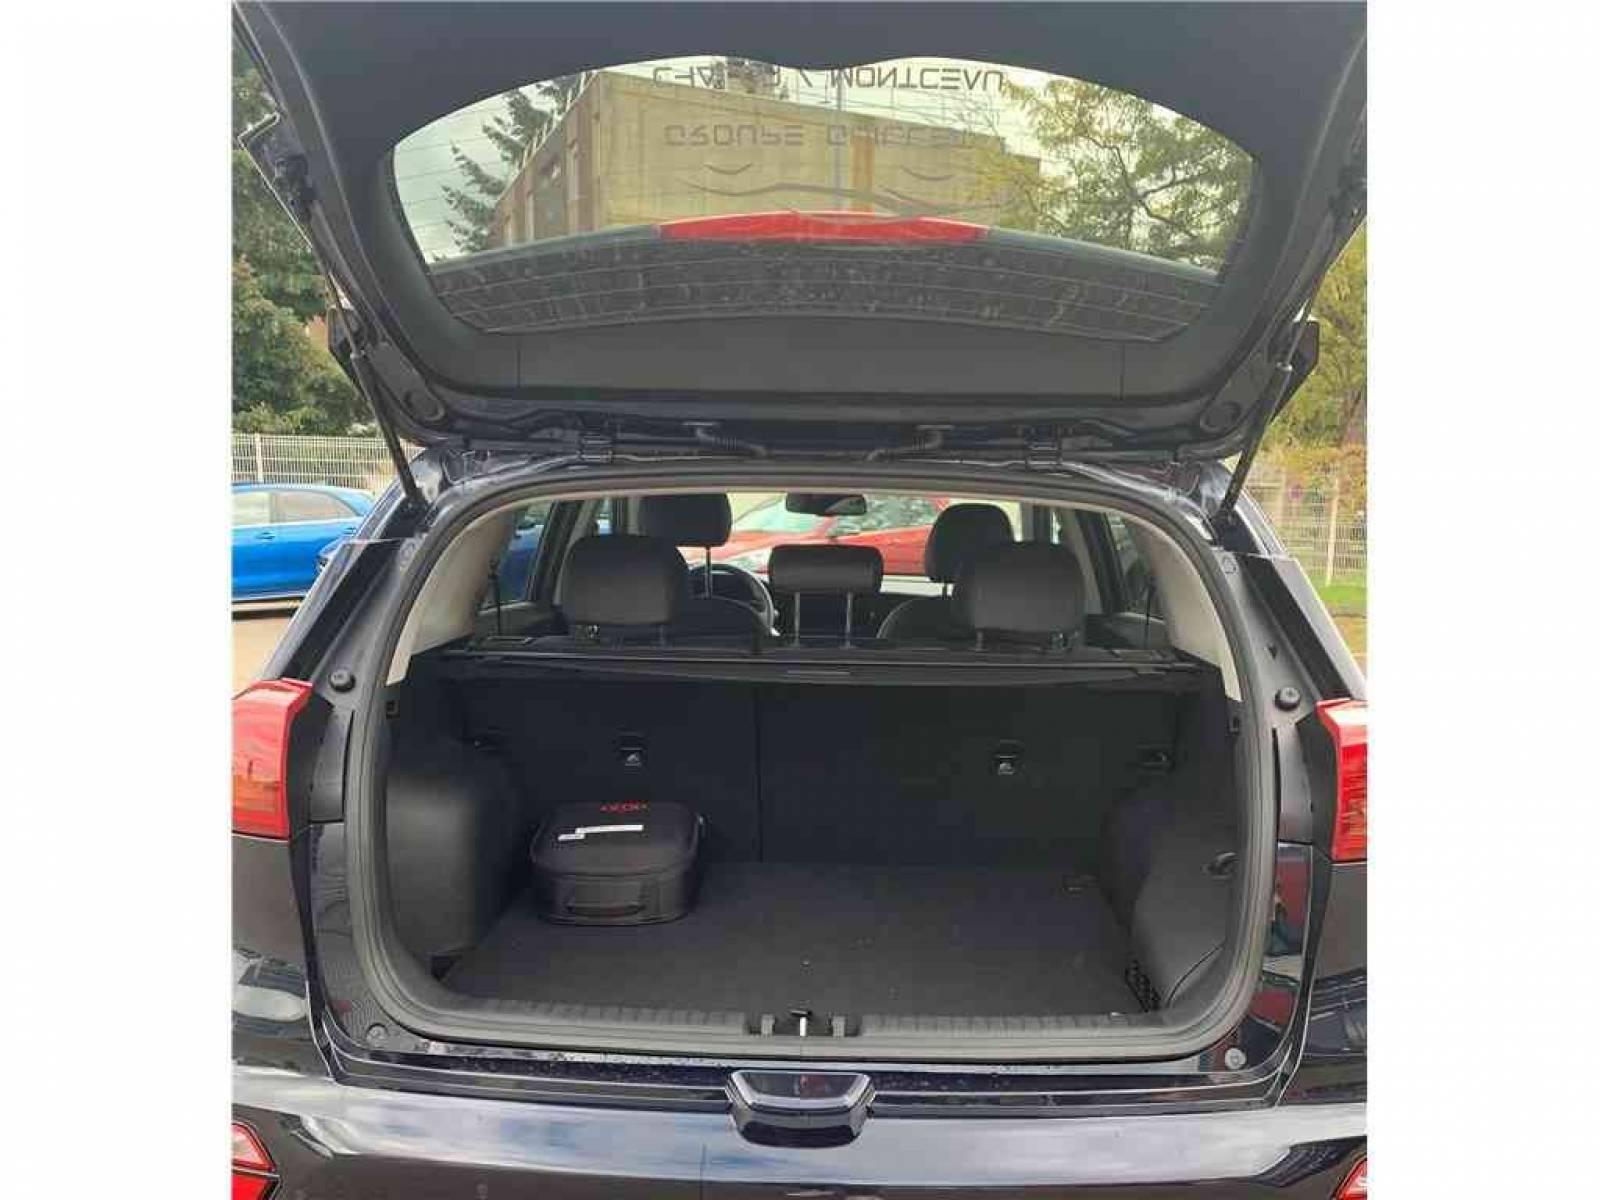 KIA Niro Hybrid Recharg 1.6 GDi 105 ch ISG + Elec 60.5 ch DCT6 - véhicule d'occasion - Groupe Guillet - Hall de l'automobile - Montceau les Mines - 71300 - Montceau-les-Mines - 7